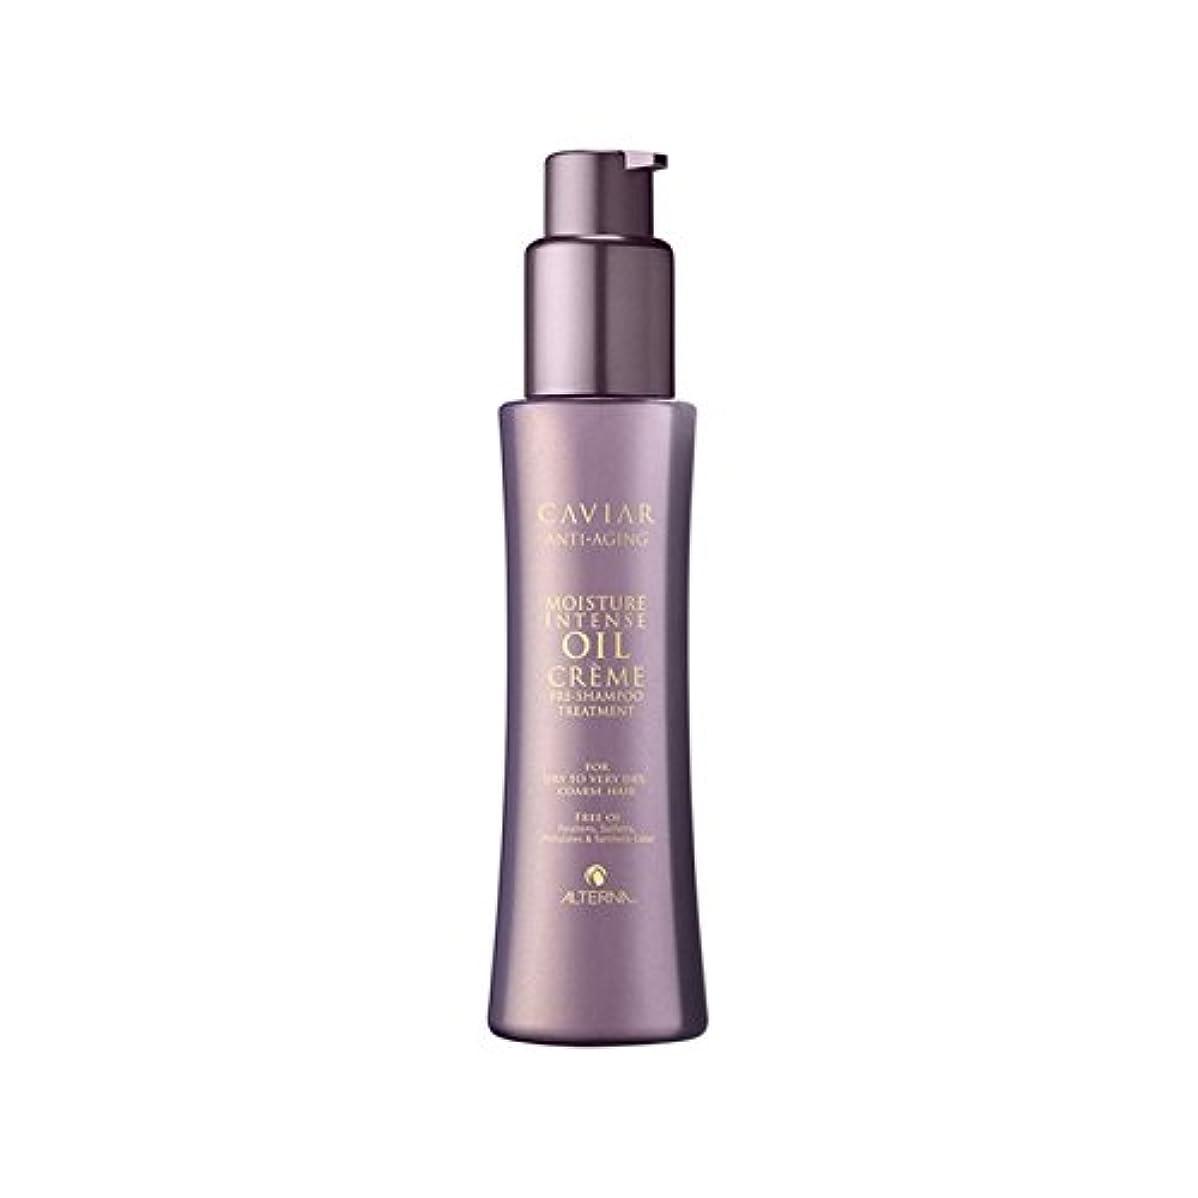 病者バンカー珍味オルタナキャビア水分激しいオイルクリームシャンプー前処理(125ミリリットル) x4 - Alterna Caviar Moisture Intense Oil Cr?me Pre-Shampoo Treatment (125ml) (Pack of 4) [並行輸入品]